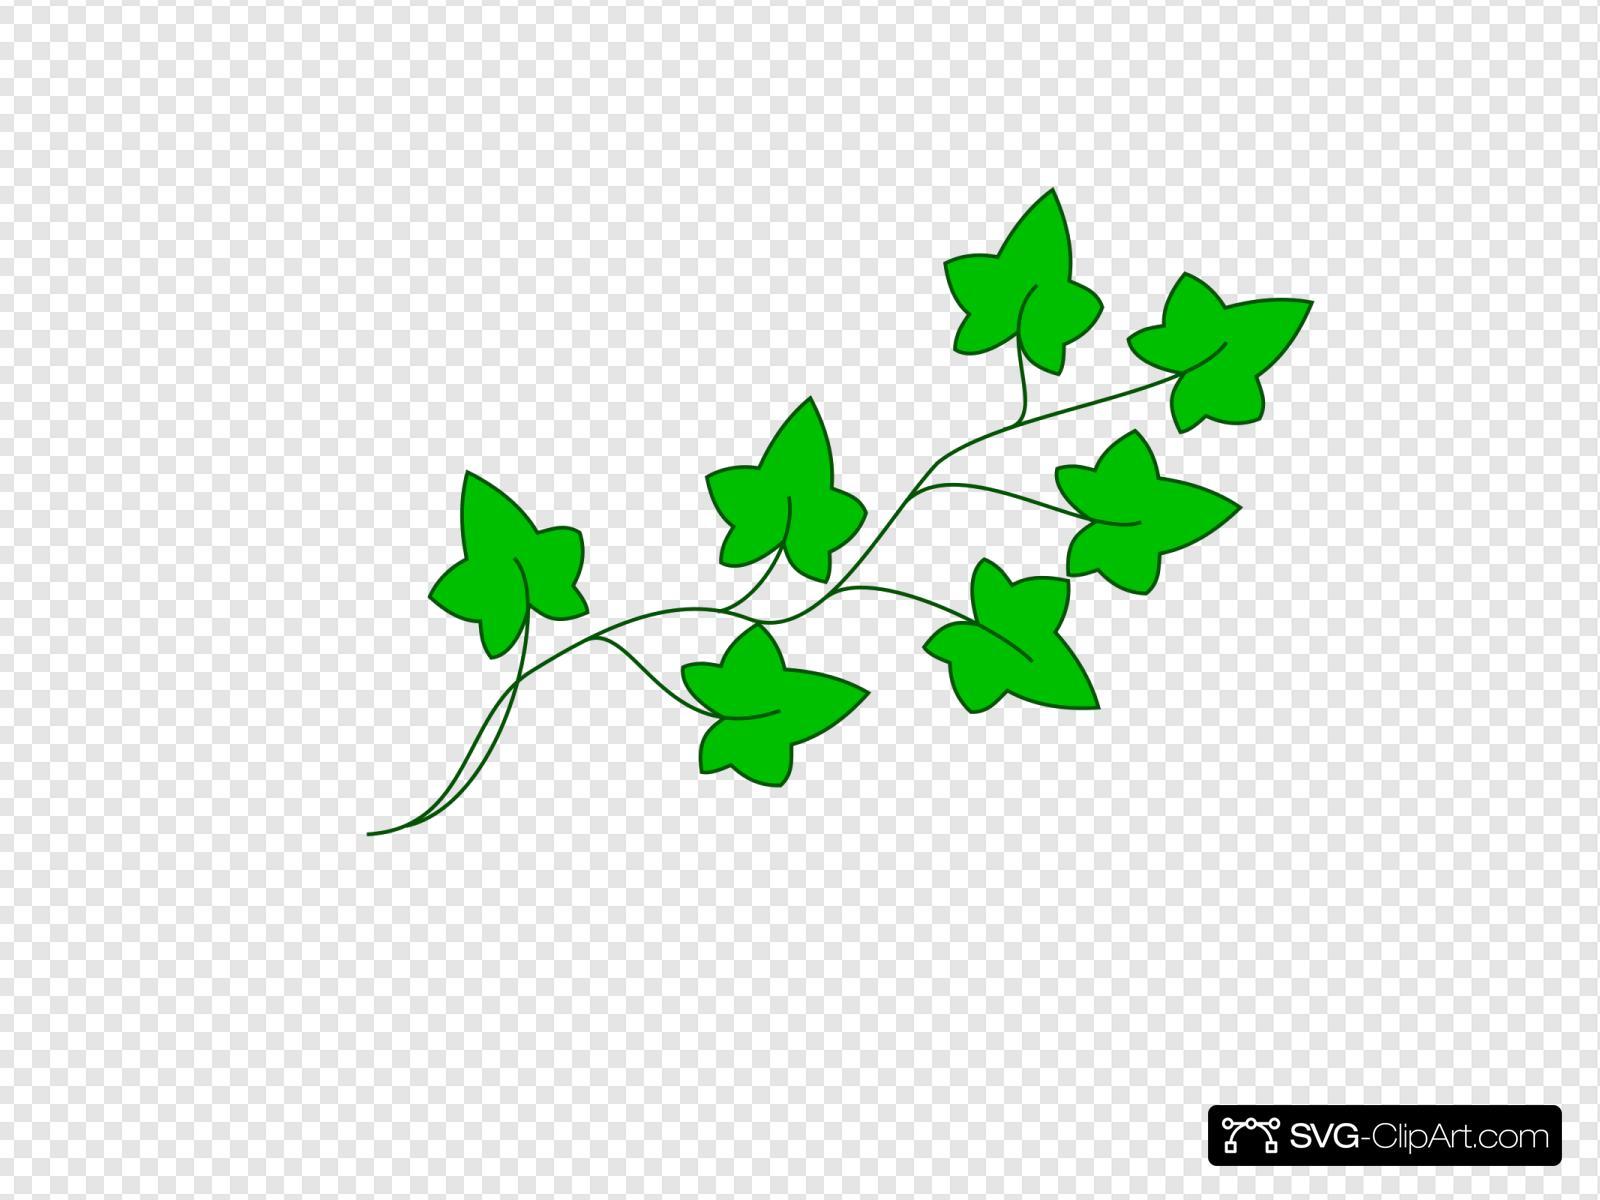 Flower Vine Clipart 13, - Green Leaf Border Clip Art - Free Transparent PNG  Clipart Images Download